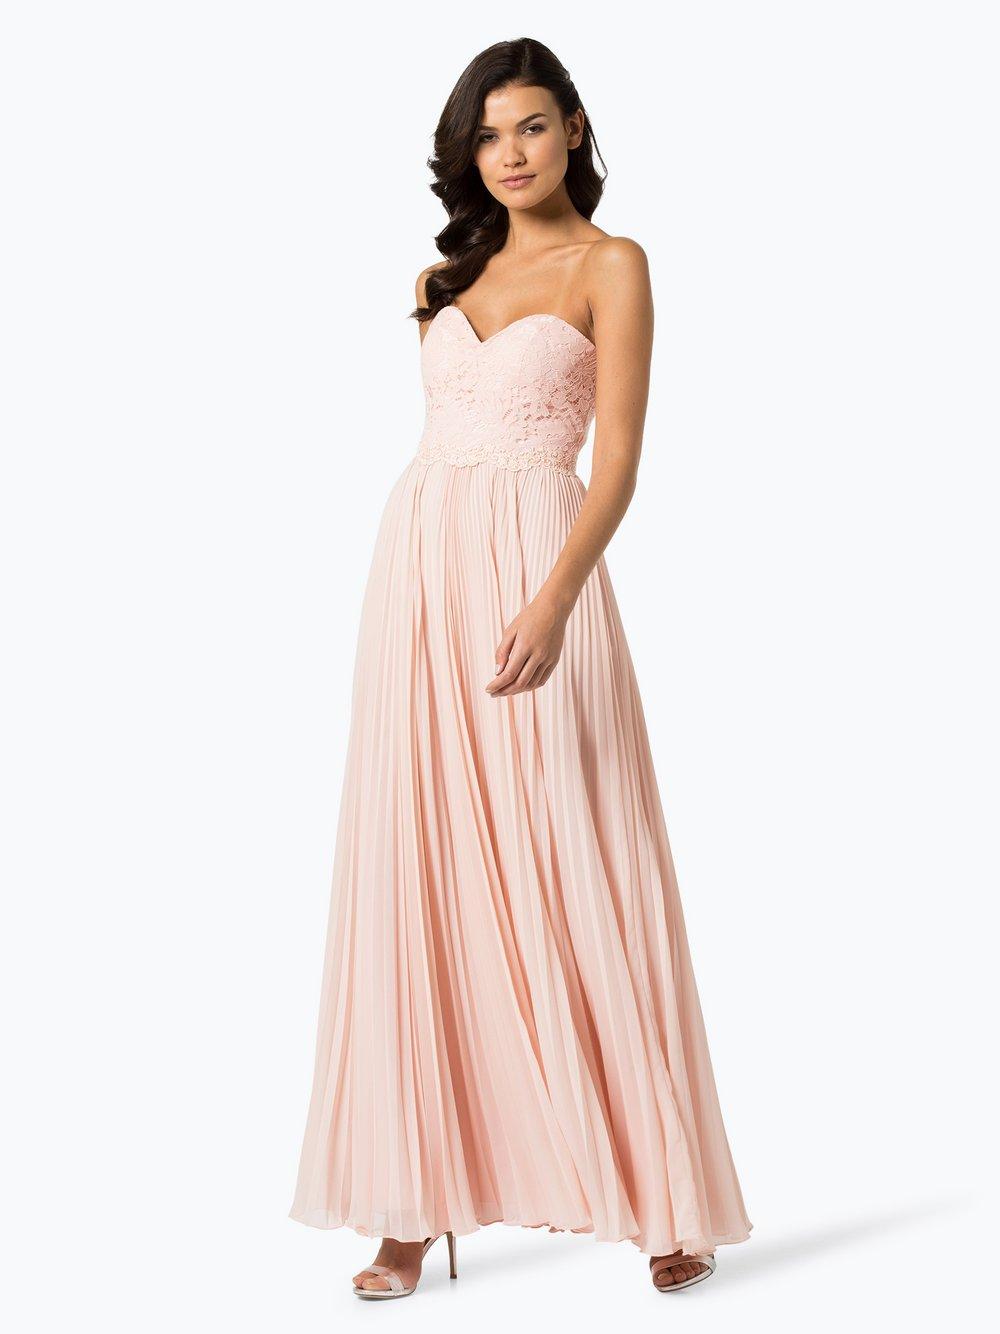 Fantastisch Altrosa Abendkleider Fotos - Brautkleider Ideen ...